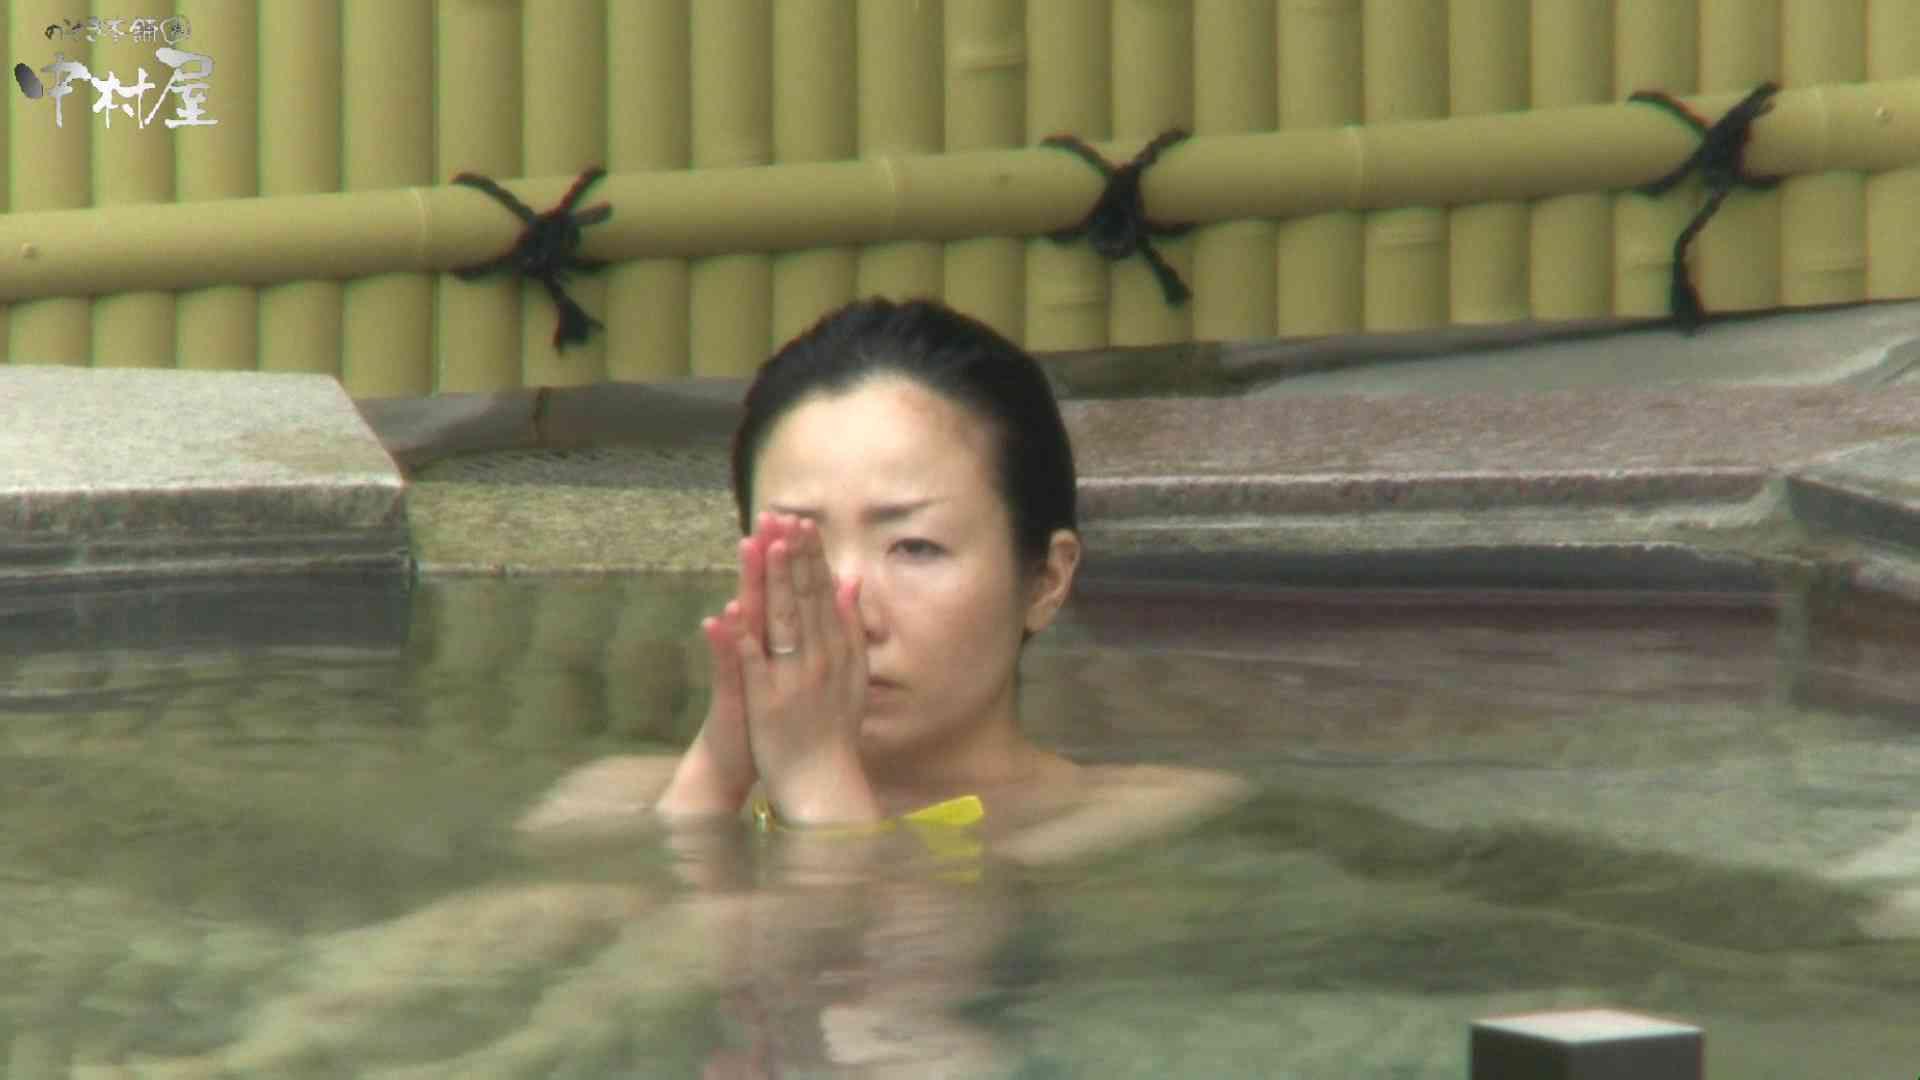 Aquaな露天風呂Vol.950 露天  61画像 21